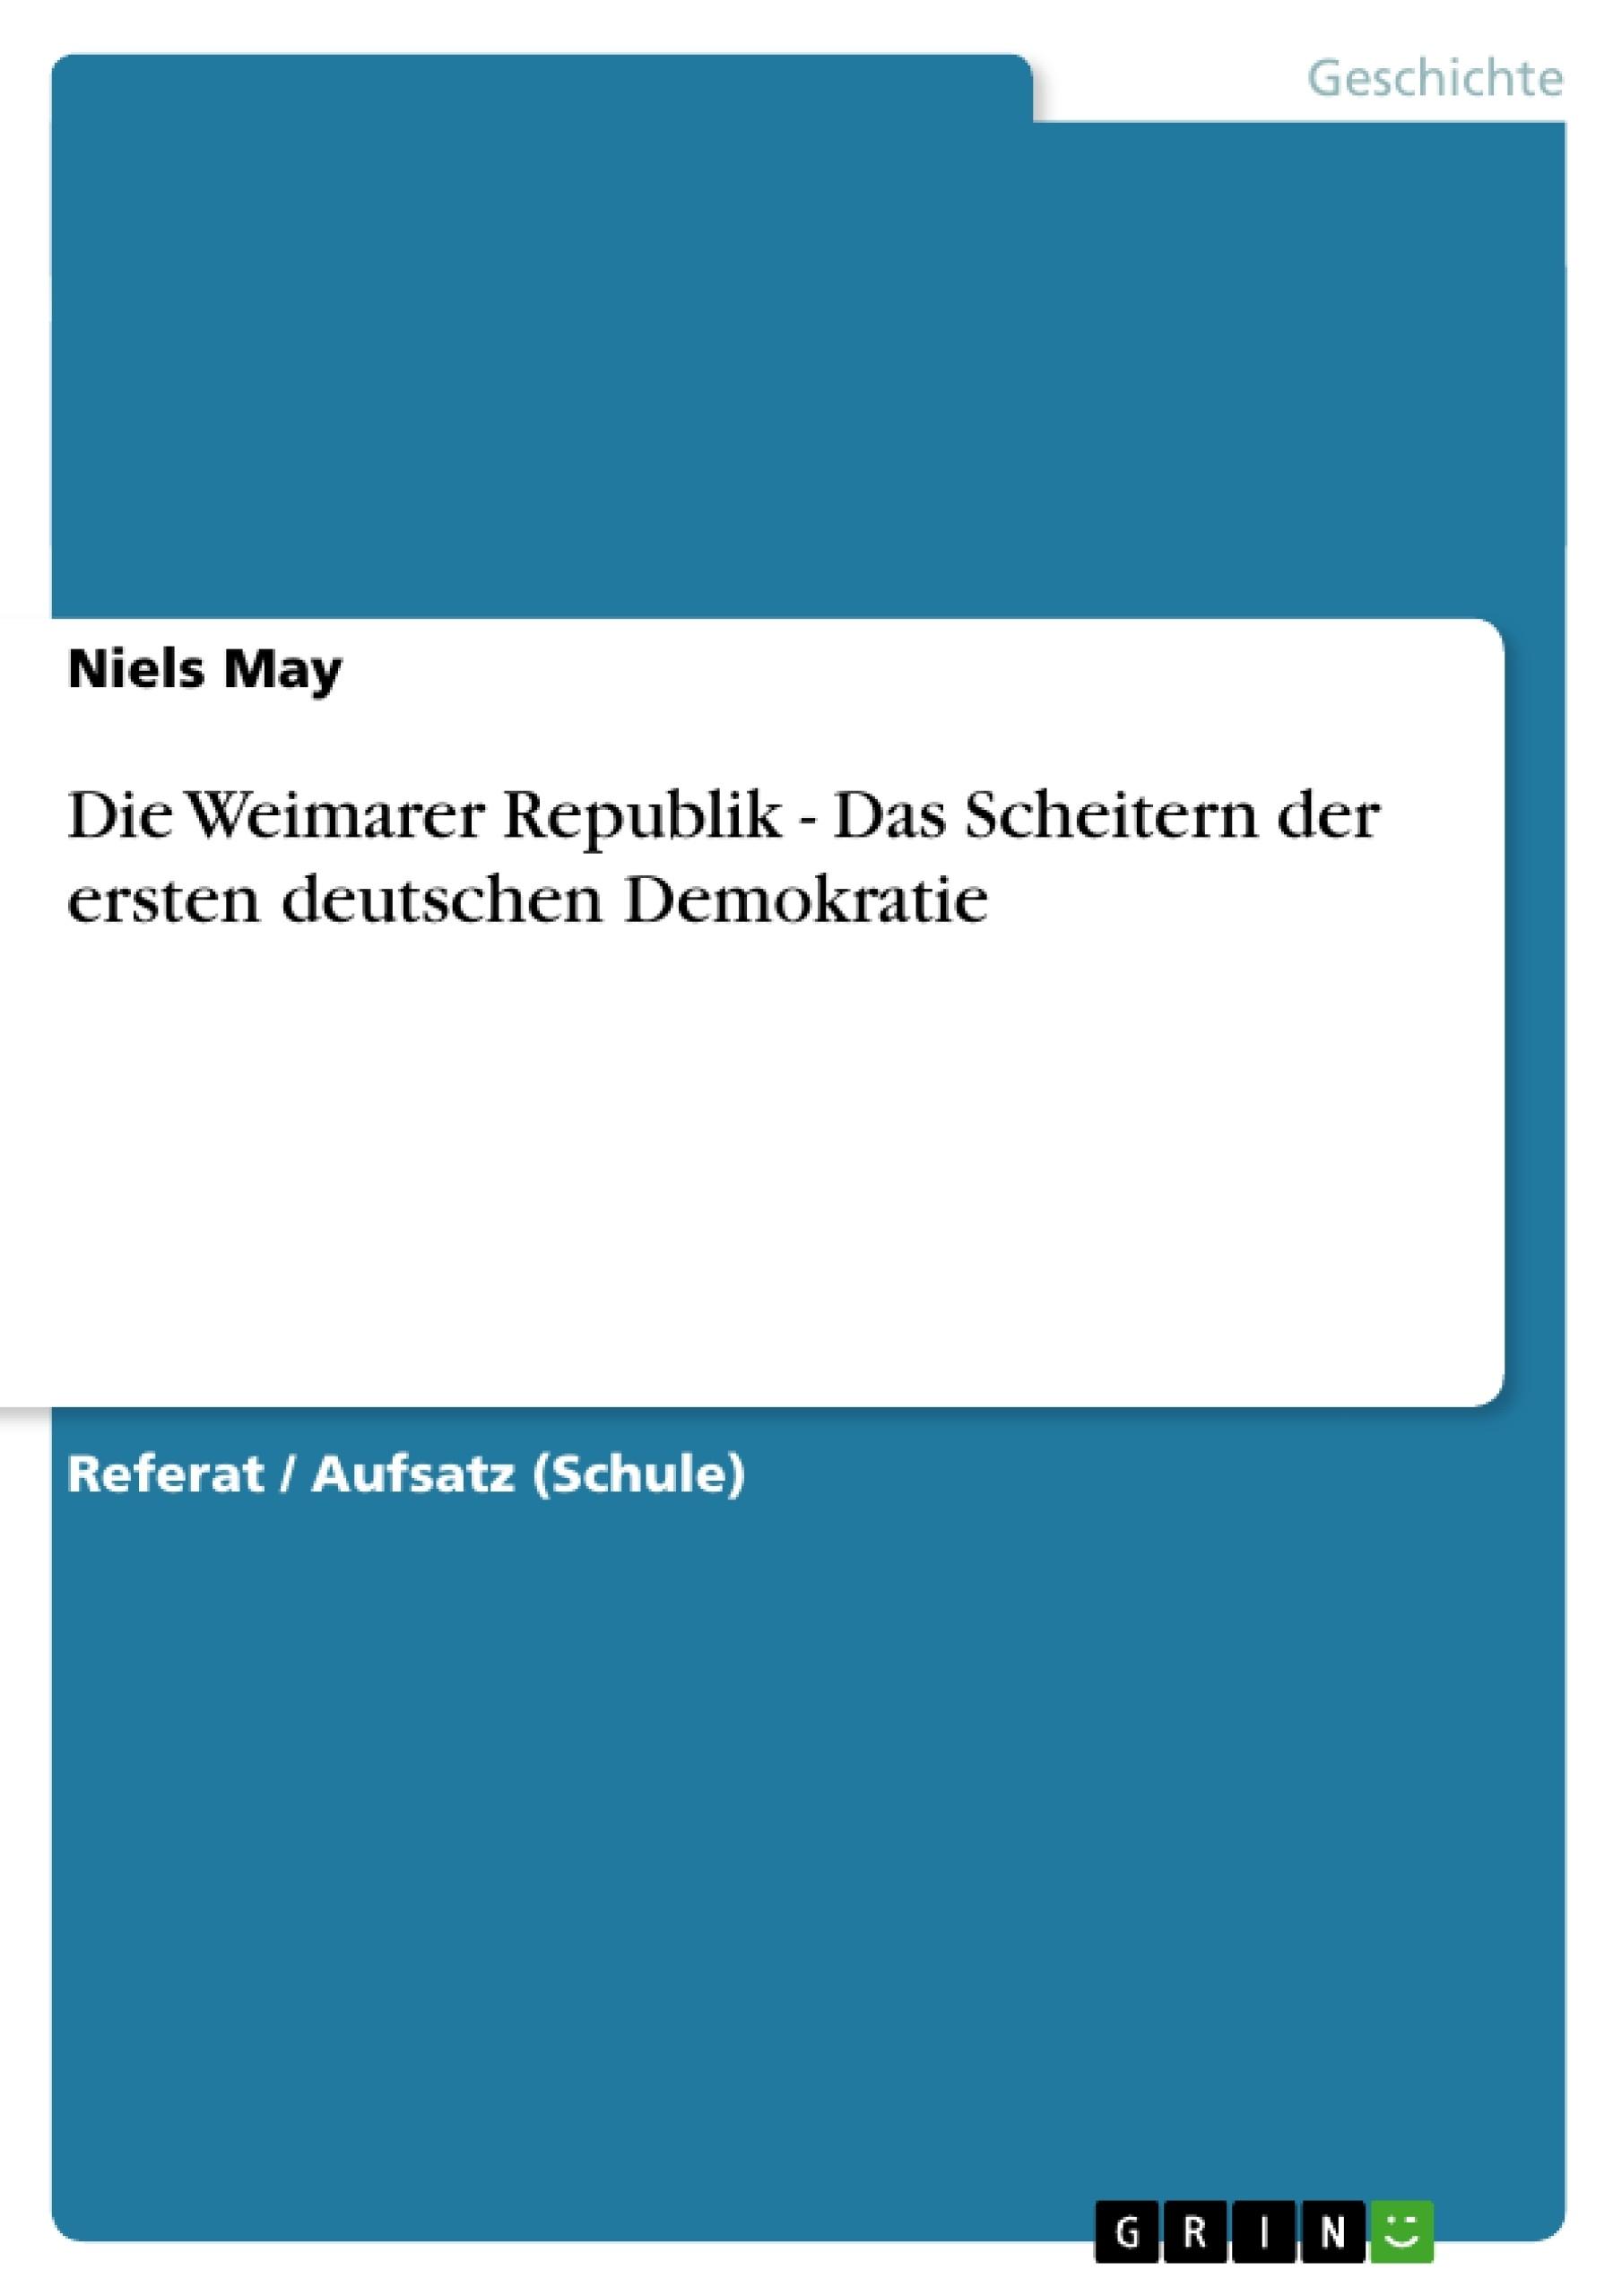 Titel: Die Weimarer Republik - Das Scheitern der ersten deutschen Demokratie